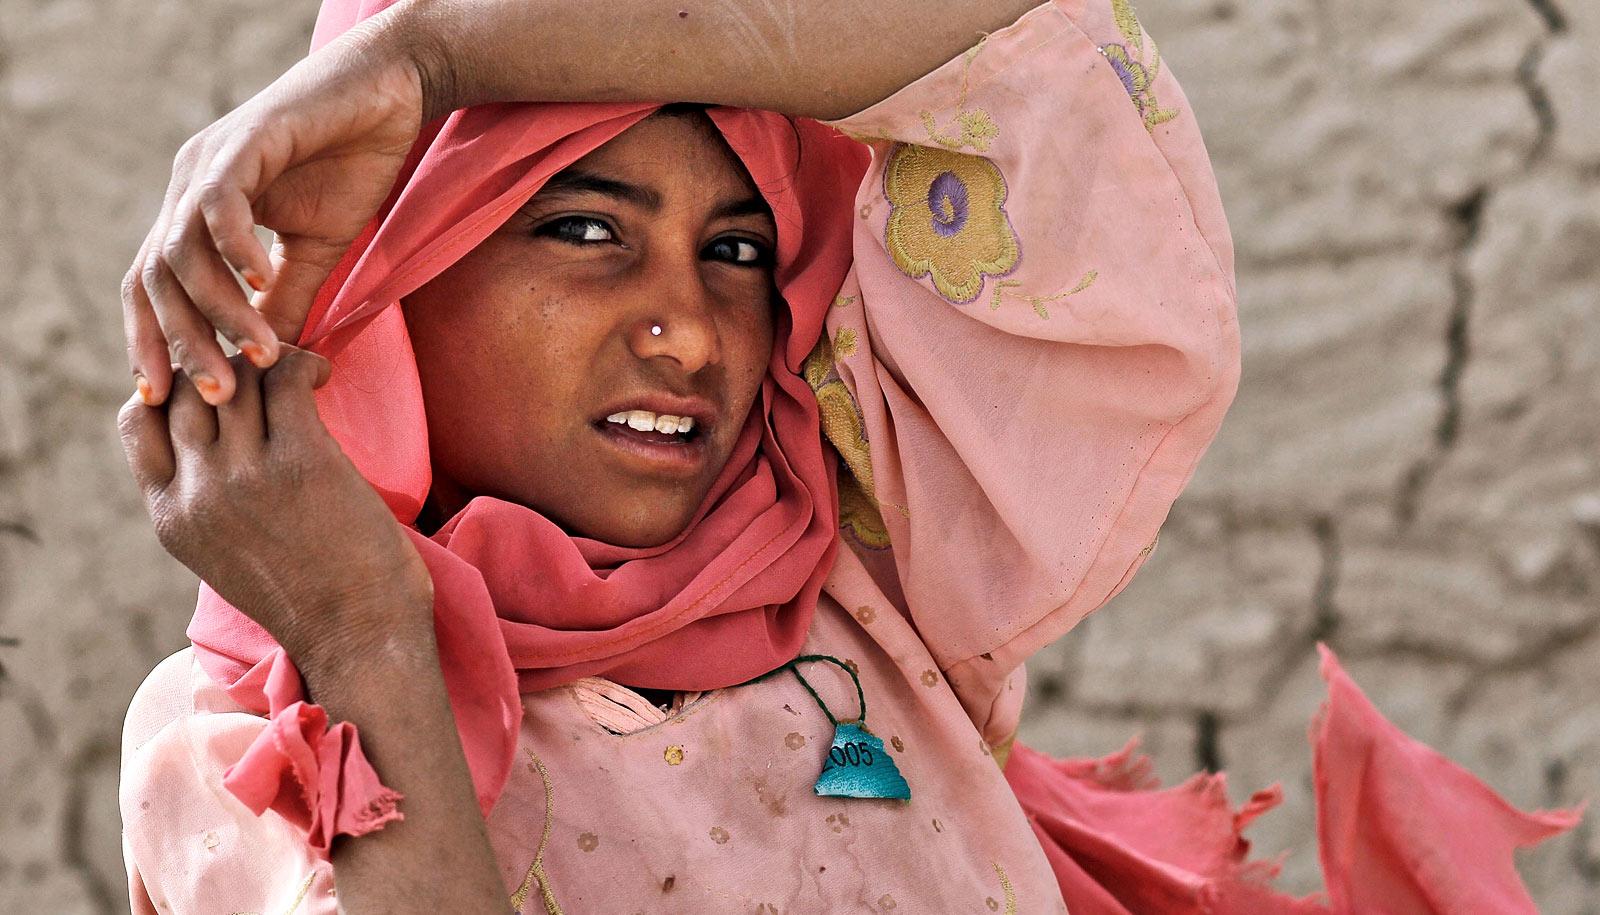 Model Hooker in Kandahar